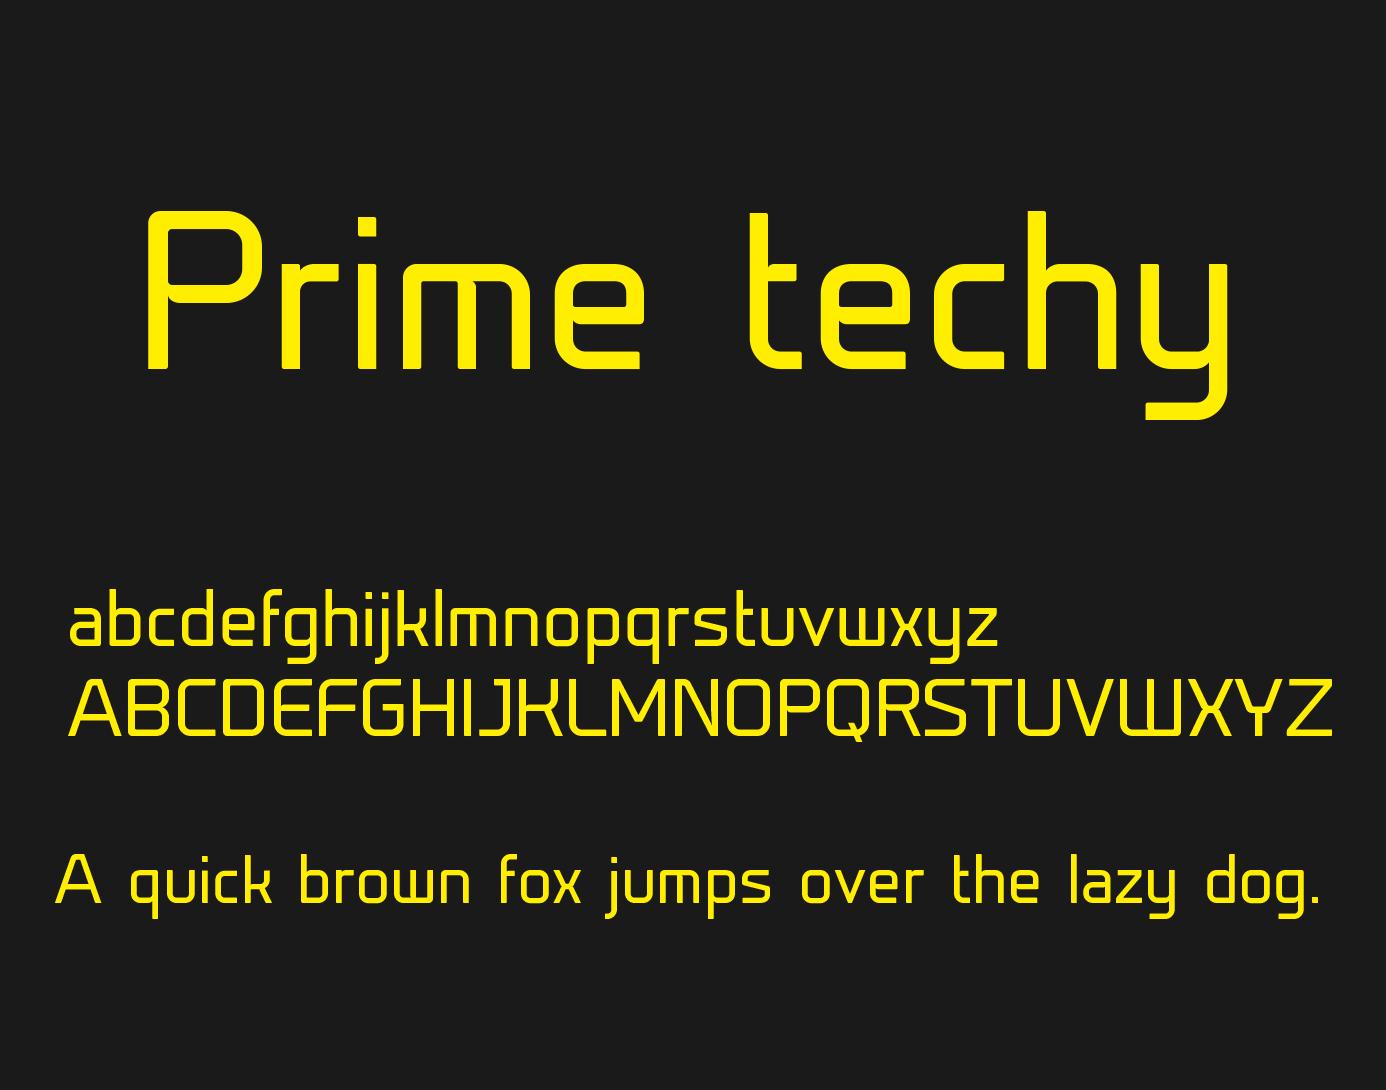 prime-techy-font